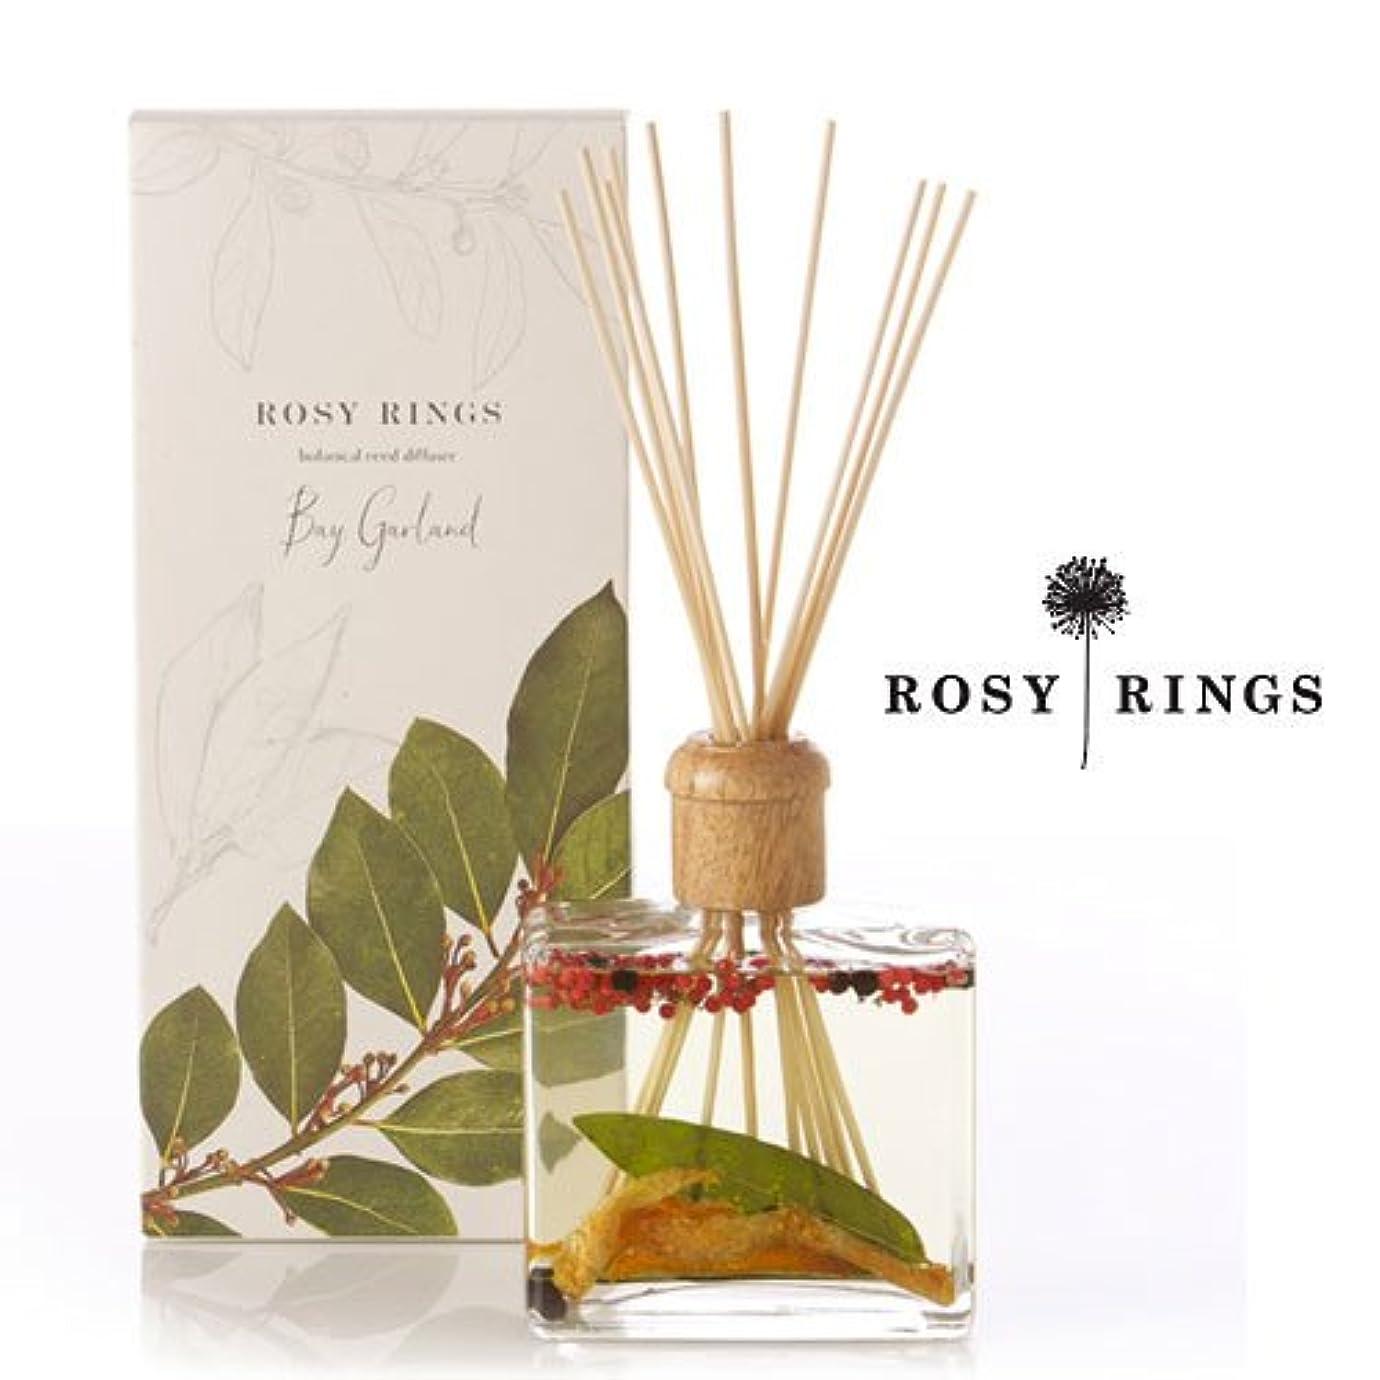 エンコミウム先住民誰でもロージーリングス ボタニカルリードディフューザード ベイガーランド ROSY RINGS Signature Collection Botanical Reed Diffuser – Bay Garland